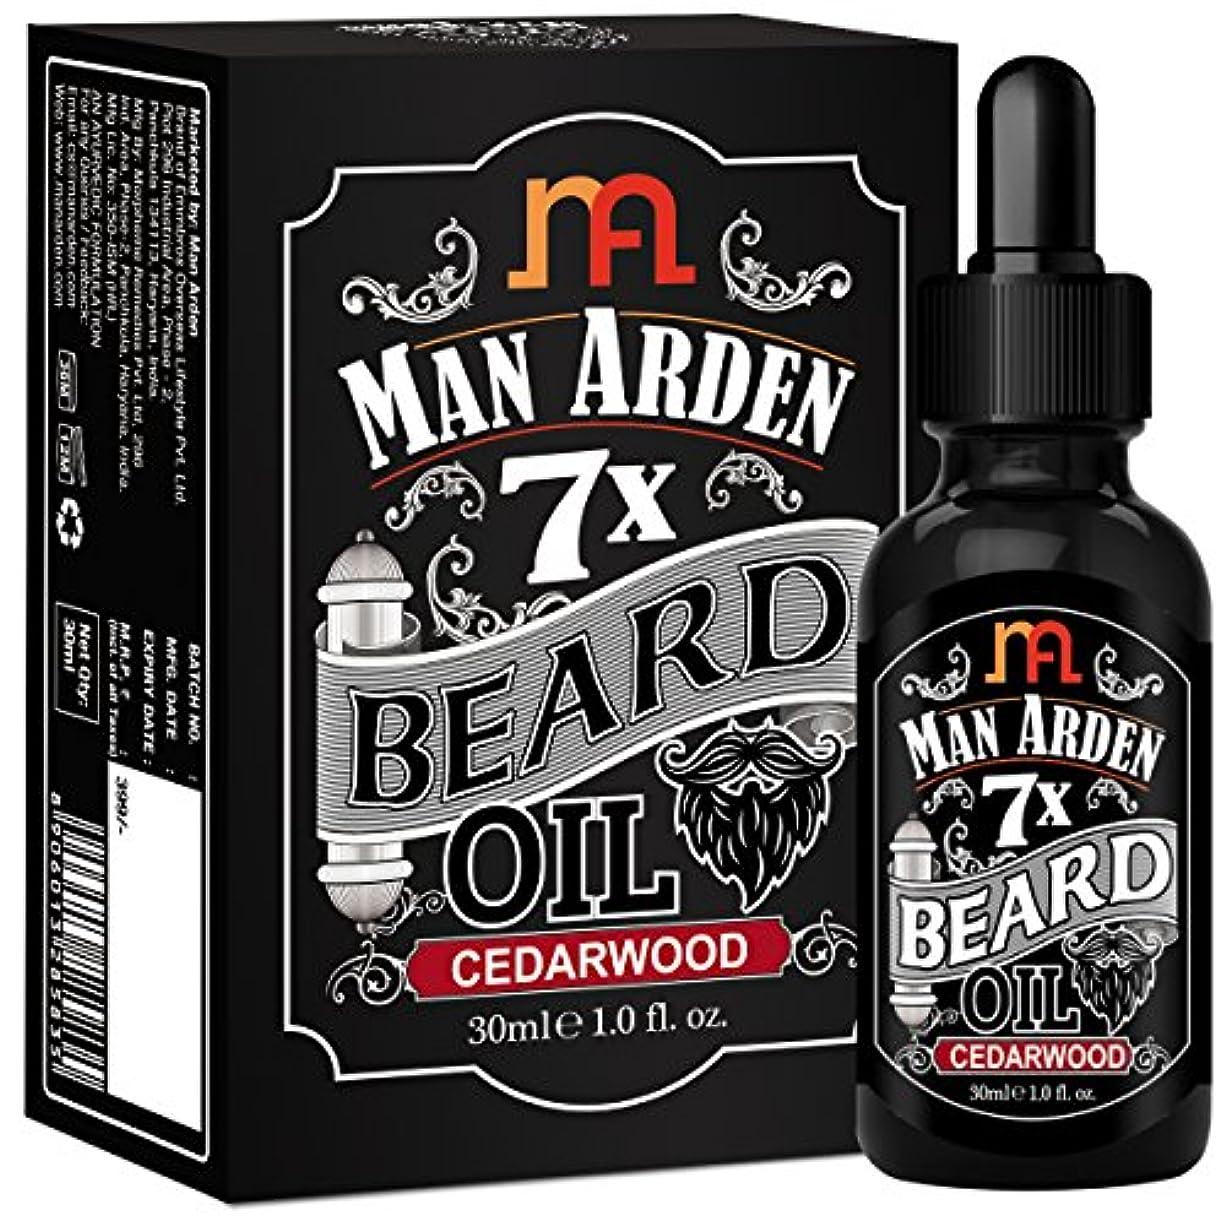 スイング後継ポルティコMan Arden 7X Beard Oil 30ml (Cedarwood) - 7 Premium Oils Blend For Beard Growth & Nourishment